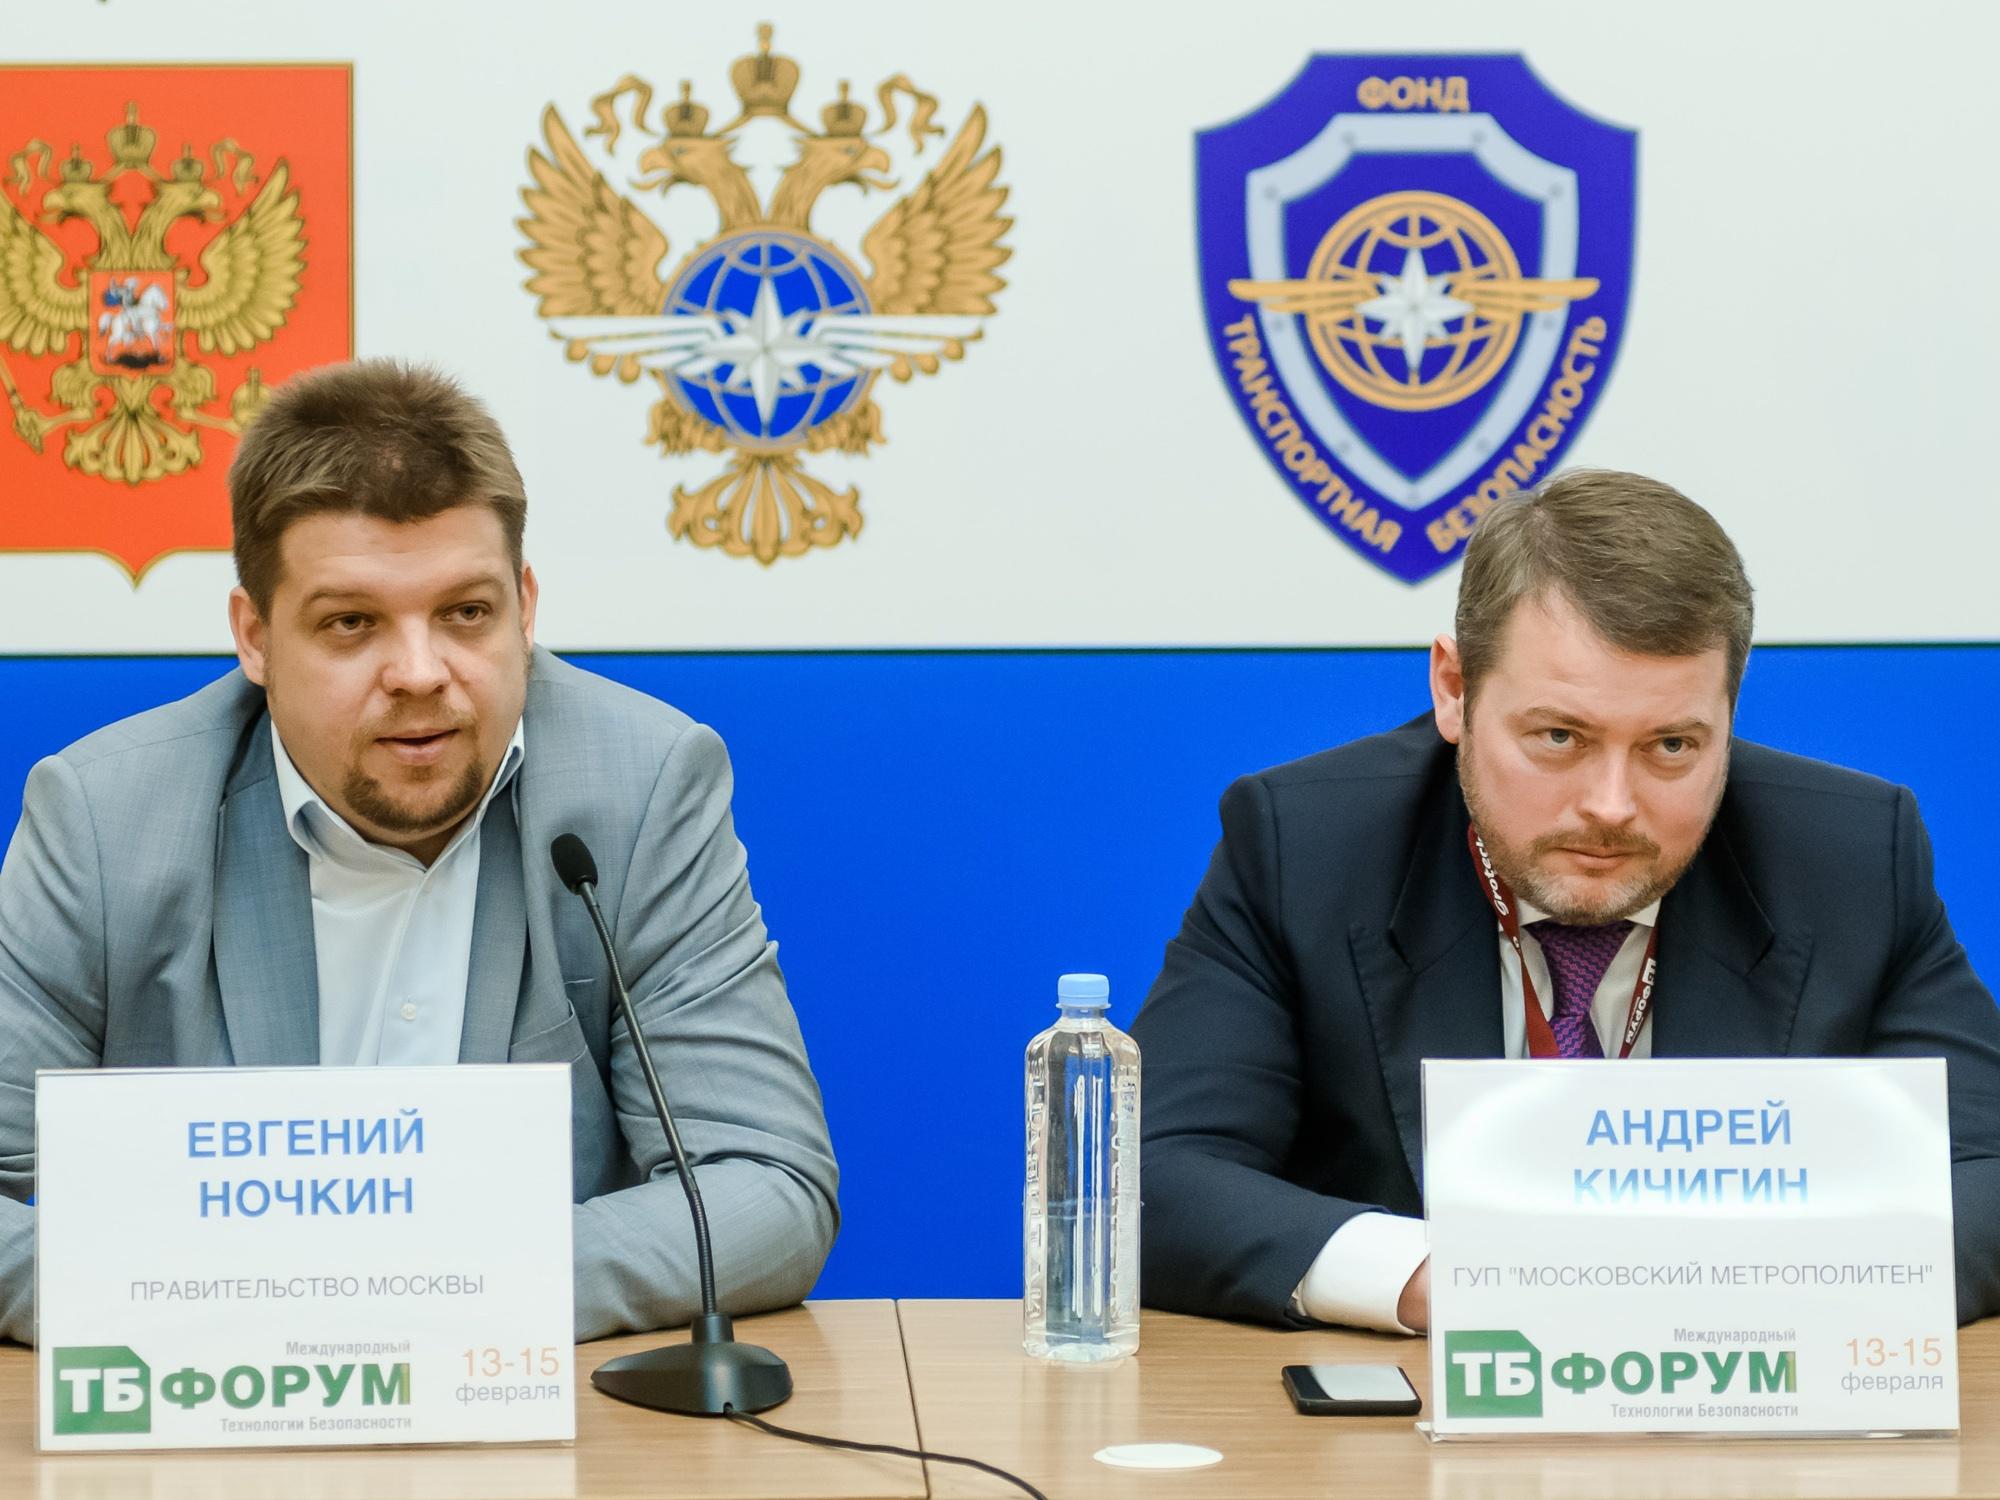 ГУП Московский метрополитен